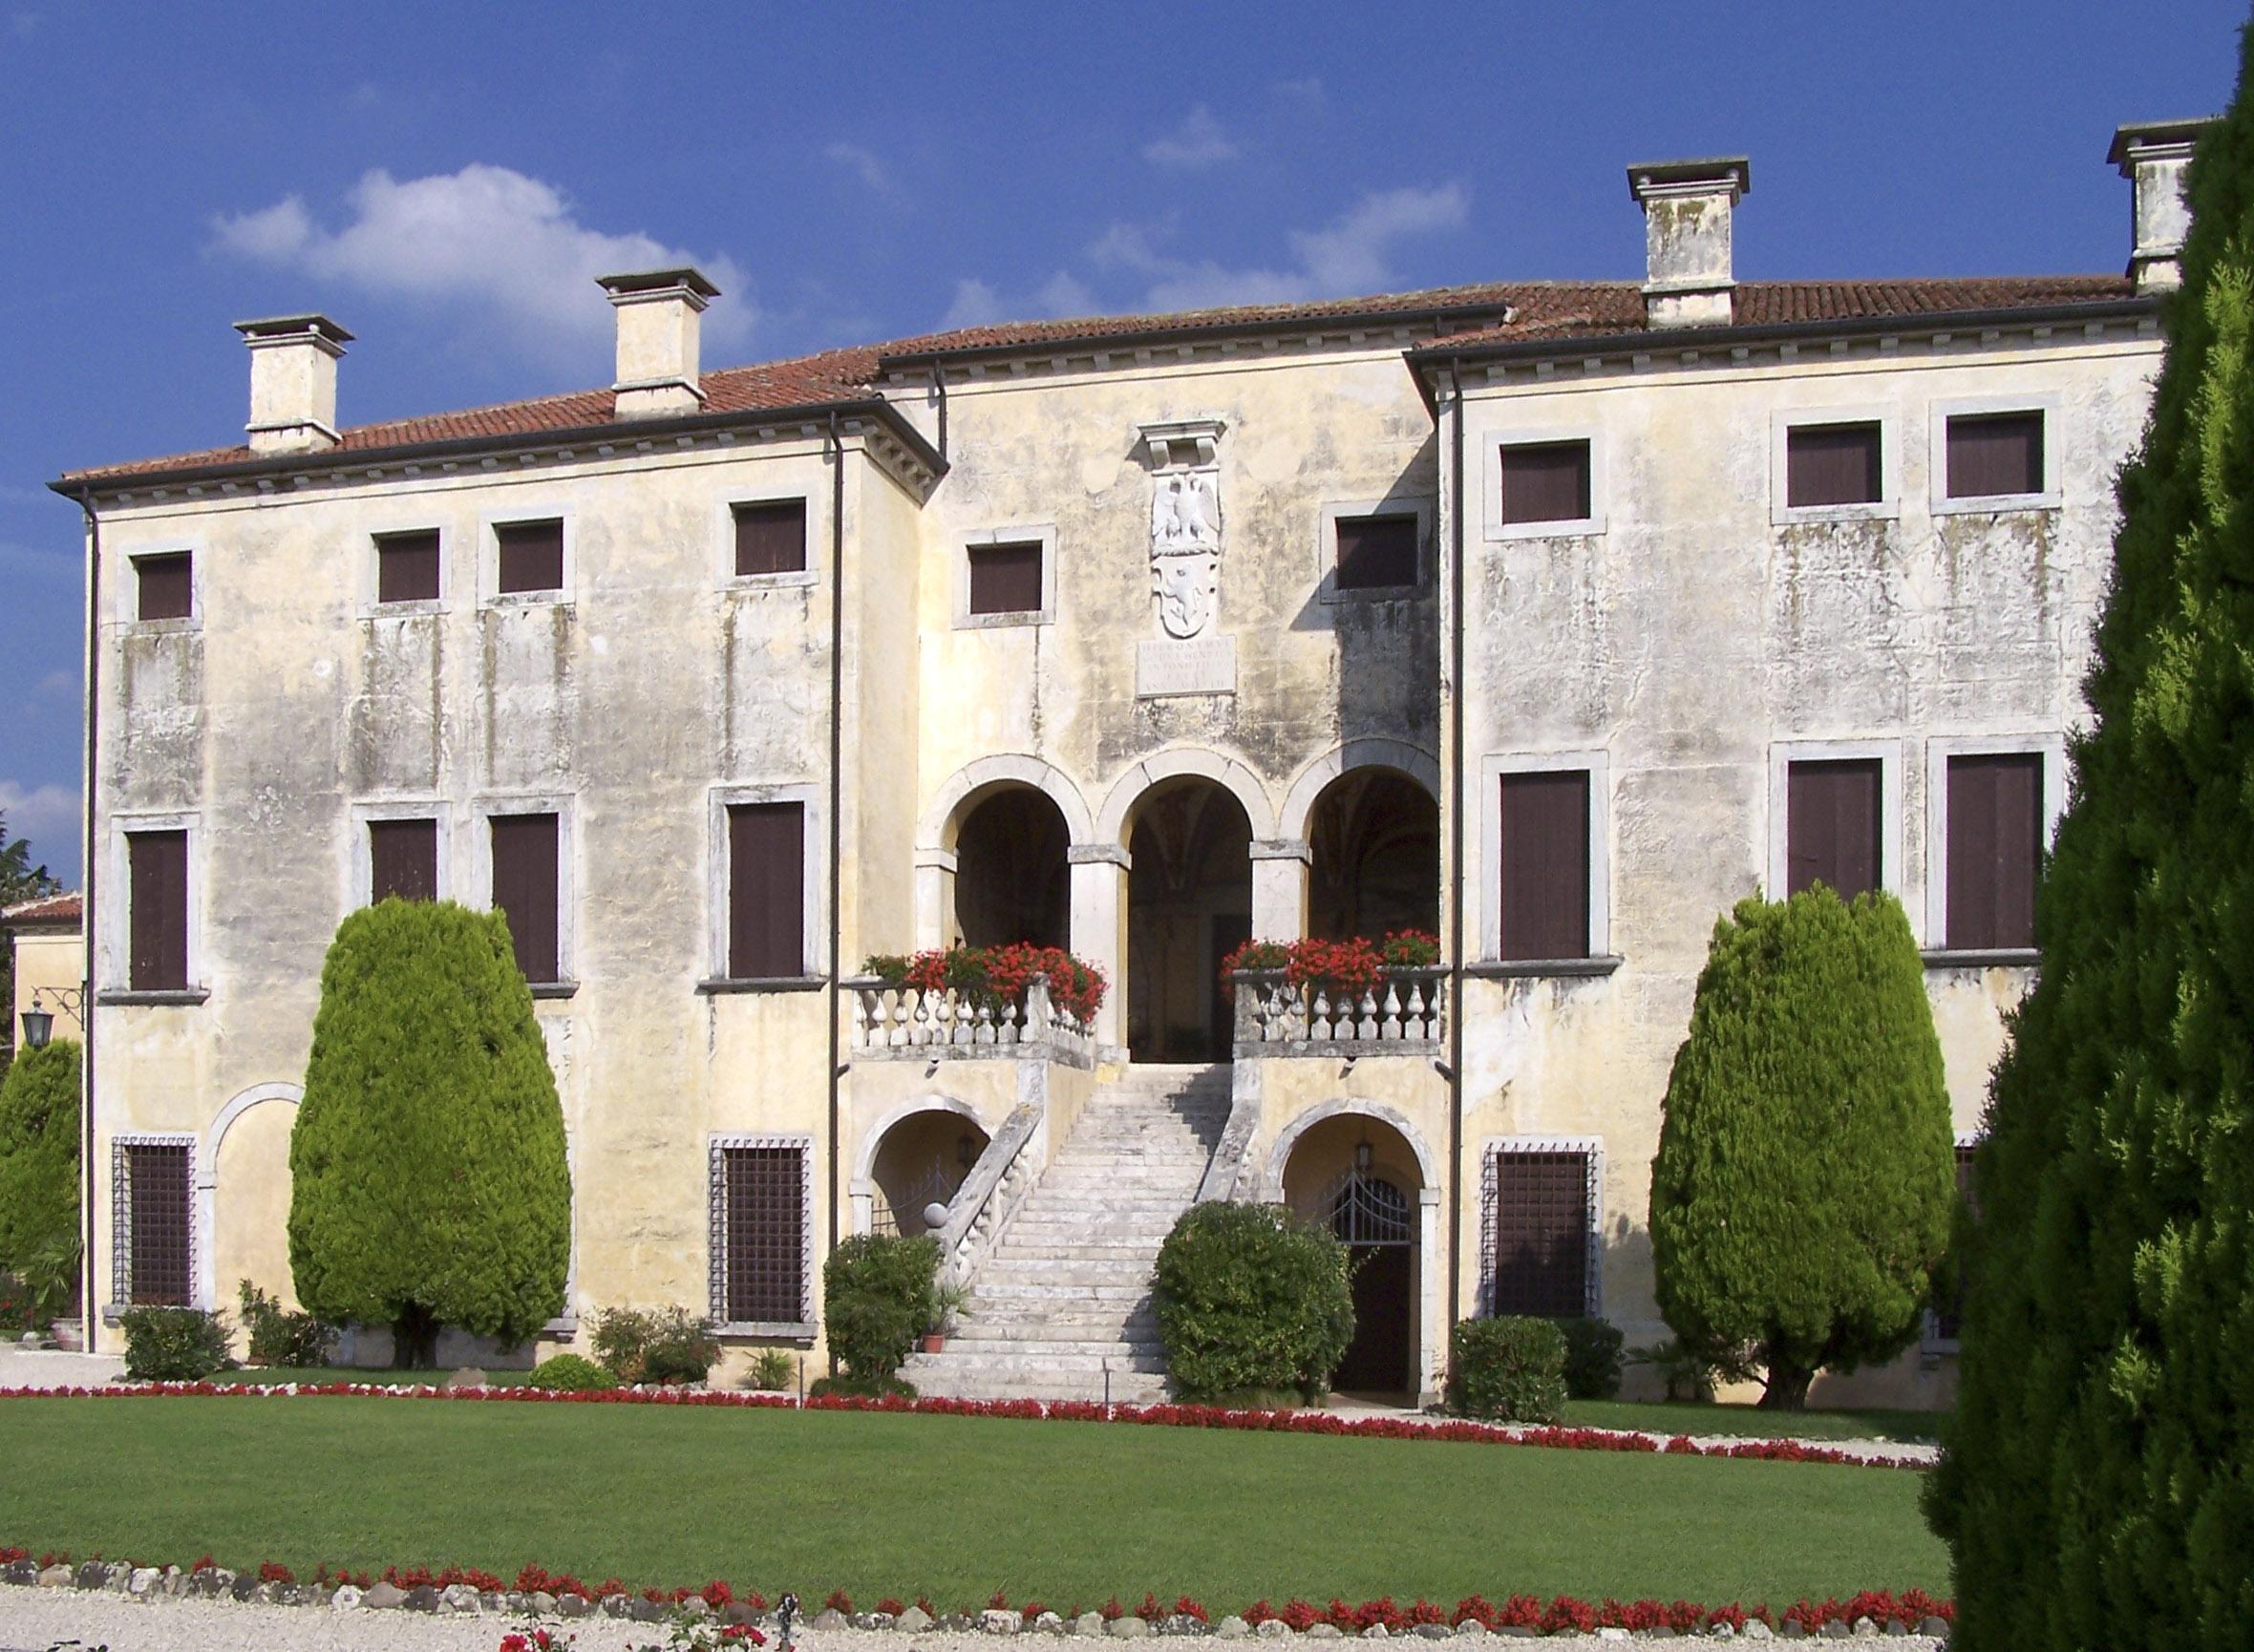 Villa Godi, Lugo di Vicenza<br /><br />1537 és 1542 között épült Girolamo, Pietro és Marcantoni Godi testvérek megbízásából. A díszítetlen villa földszintjén jelenleg egy régészeti múzeum működik.<br /><br />Kép: Wikimedia Commons / Dogears